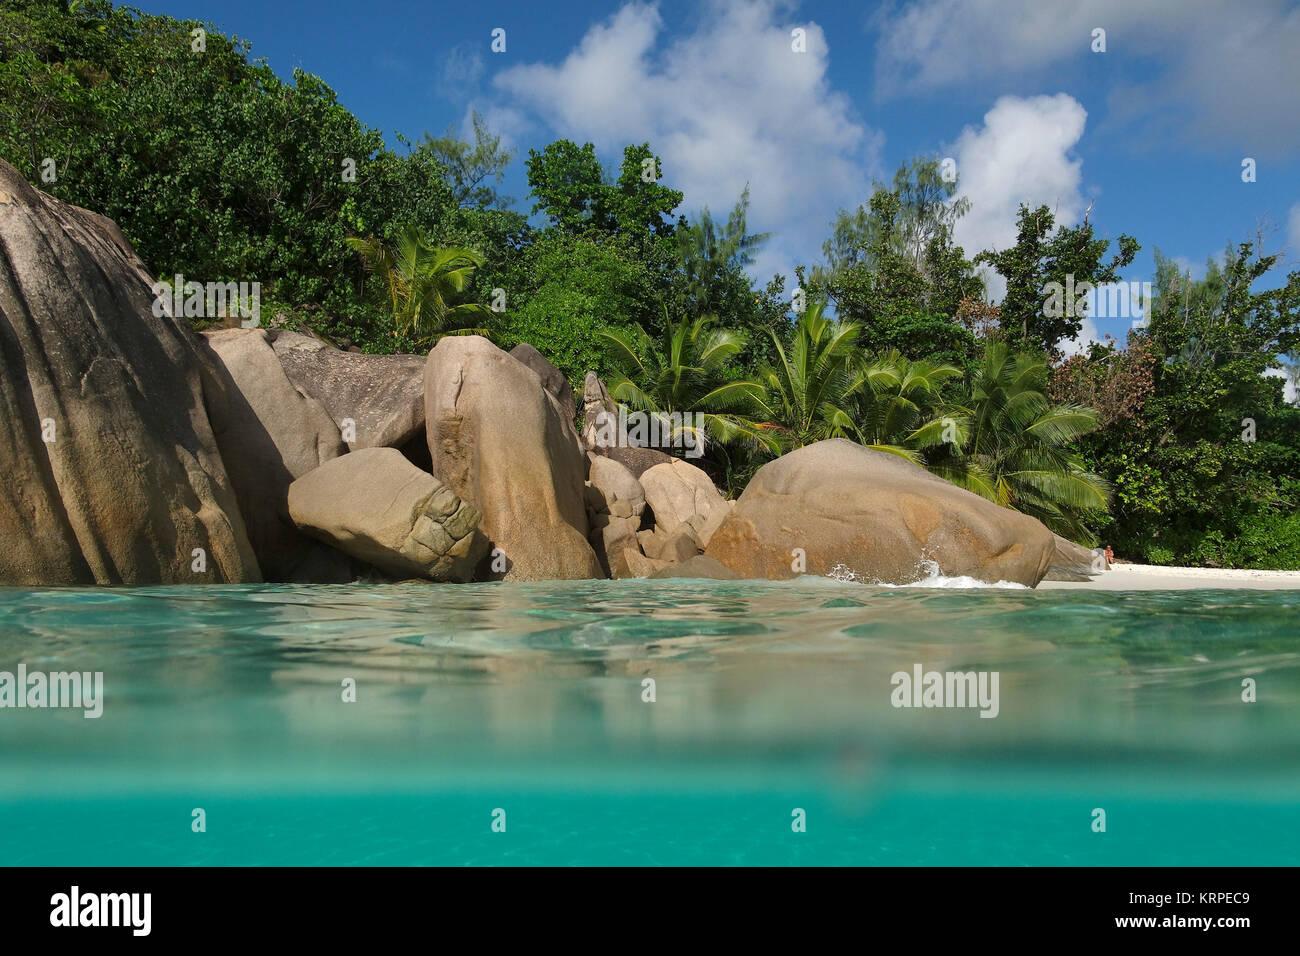 Granitfelsen am Ufer bei Anse Lazio, Baie Sainte Anne Bezirk, Insel Praslin, Seychellen, Indischer Ozean, Afrika Stockbild